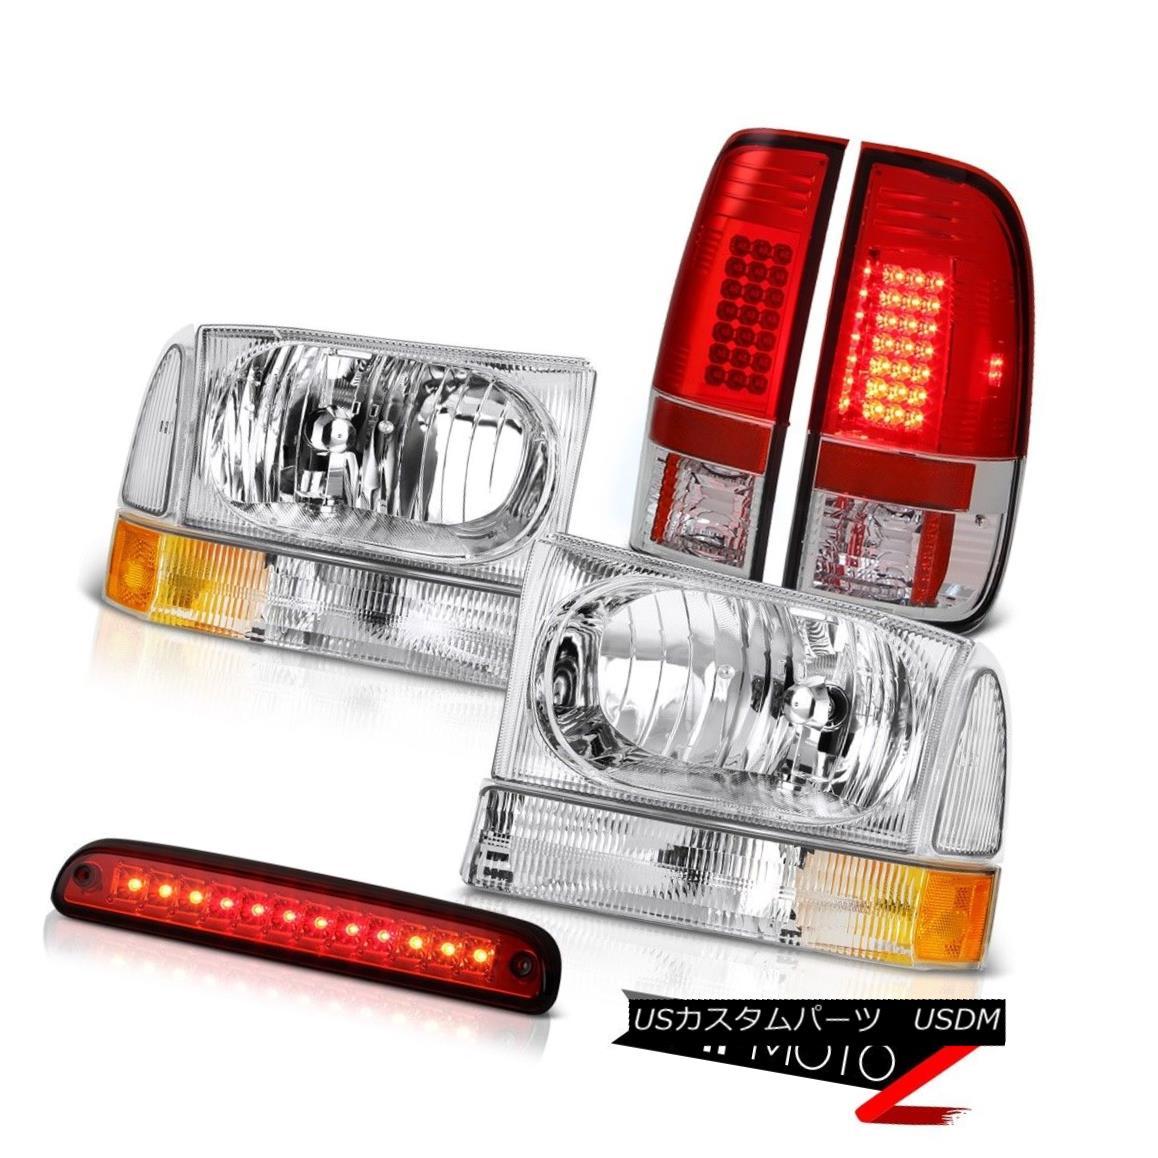 テールライト Euro Headlights High Stop LED Red Signal Tail Light 99 00 01 02 03 04 Ford F250 ユーロヘッドライトハイストップLEDレッド信号テールライト99 00 01 02 03 04 Ford F250